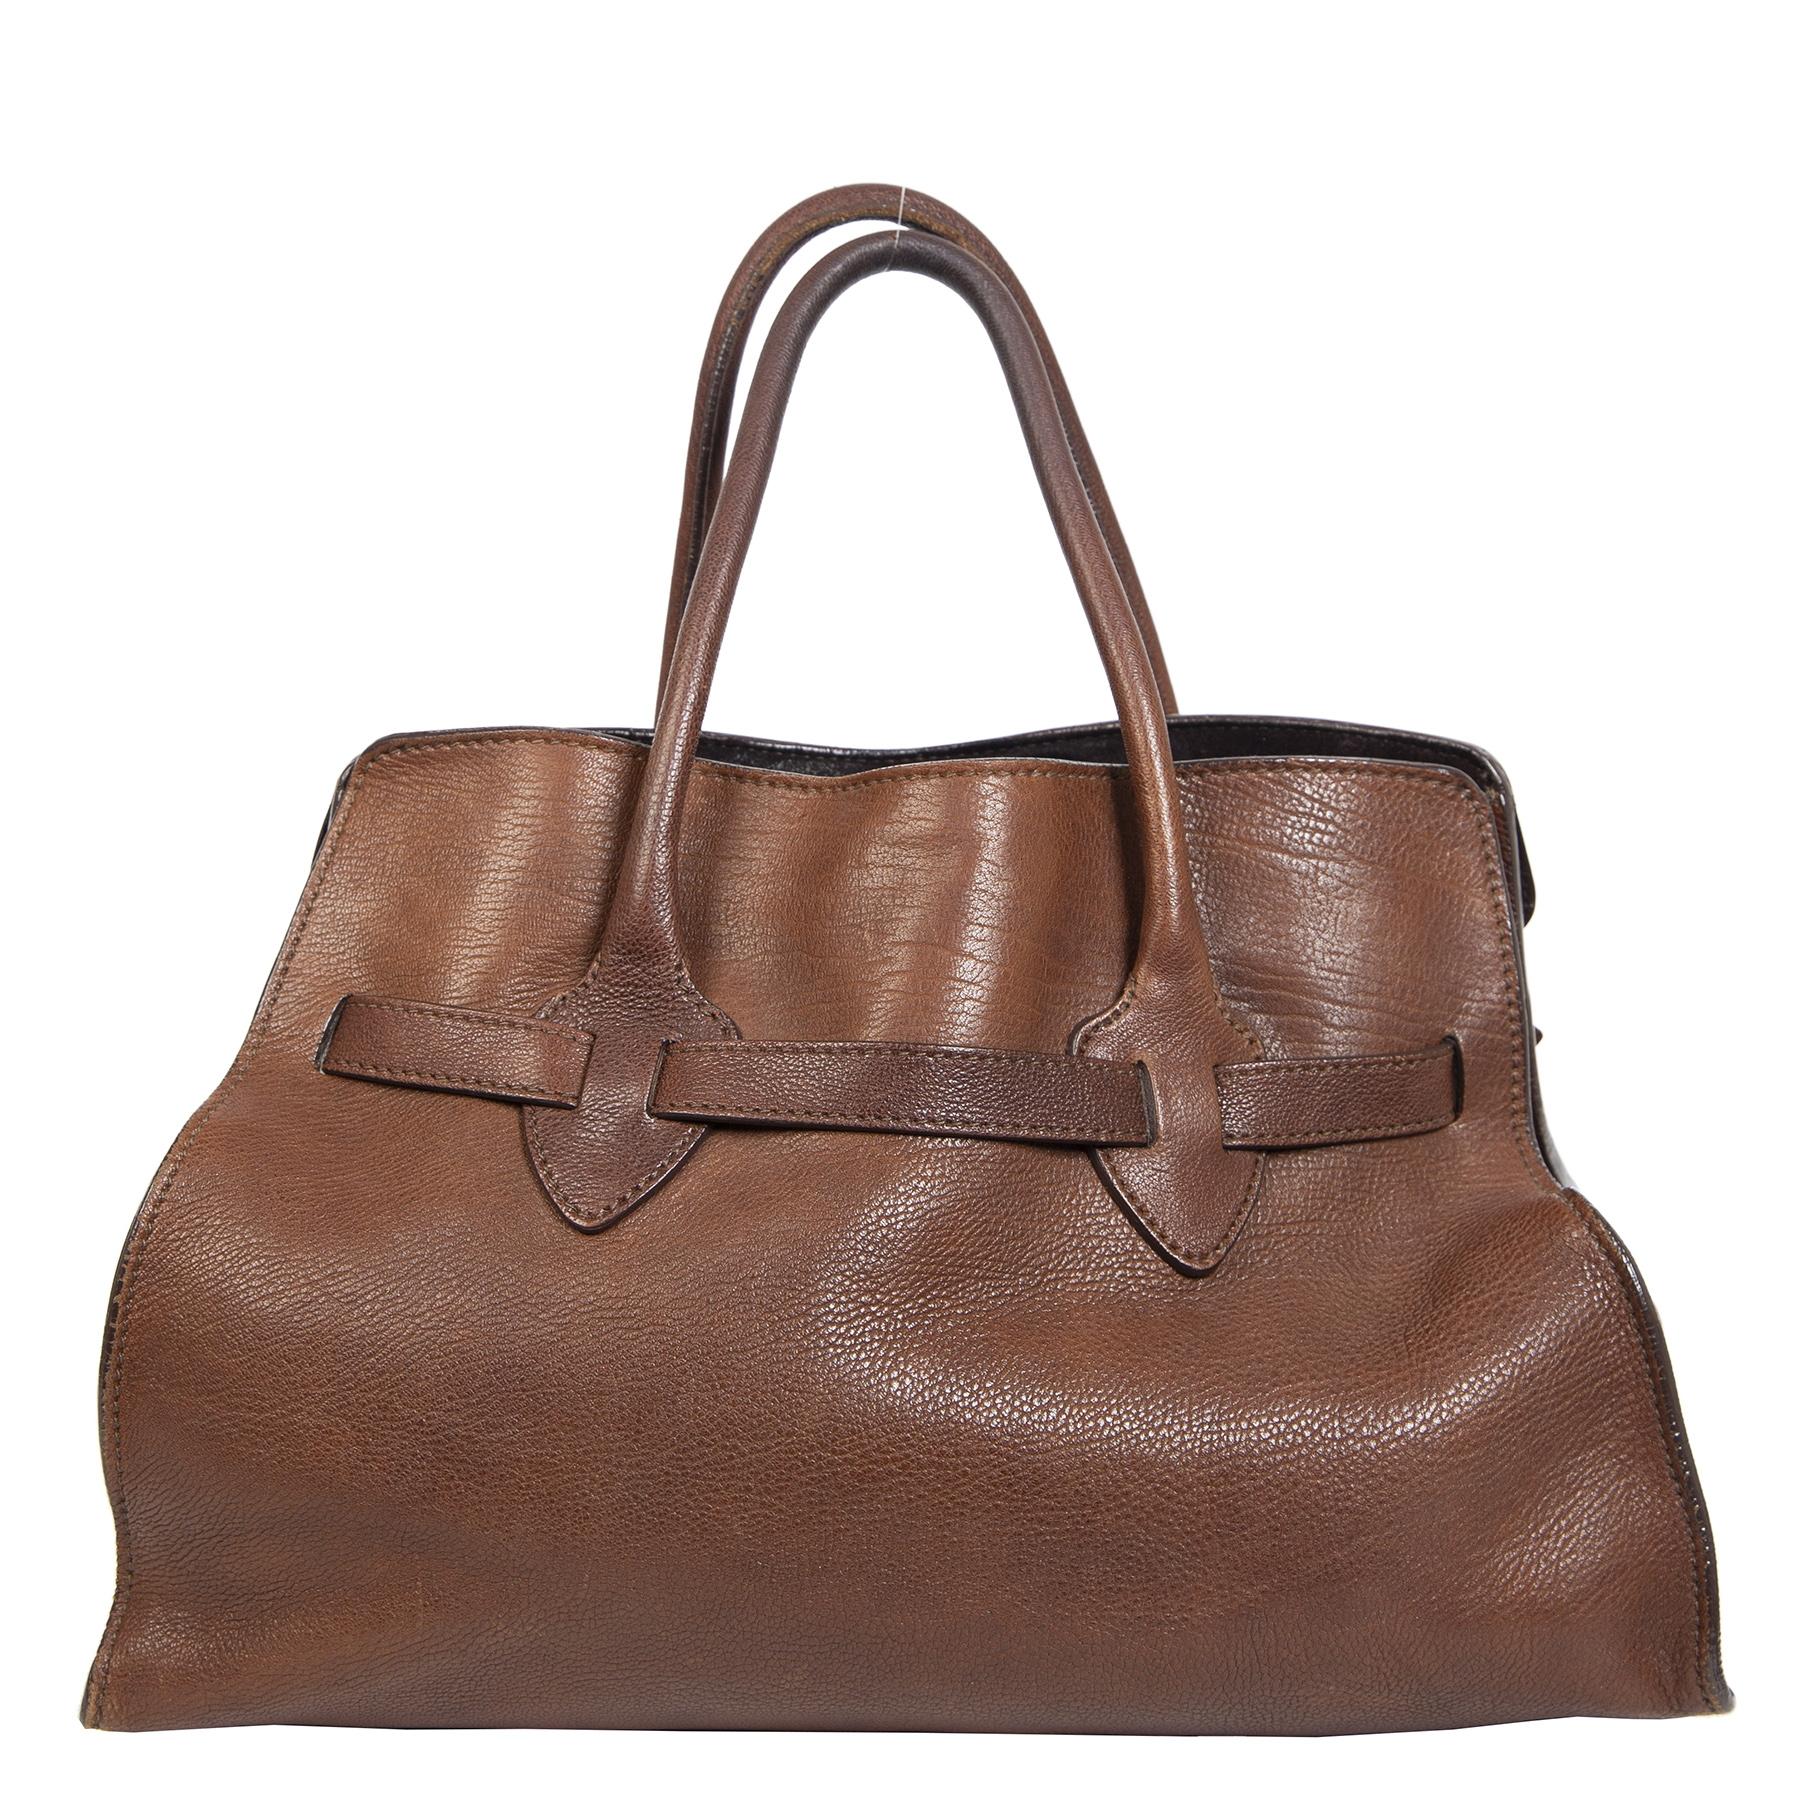 Authentieke Tweedehands Miu Miu Dark Brown Leather Top Handle Bag juiste prijs veilig online shoppen luxe merken webshop winkelen Antwerpen België mode fashion